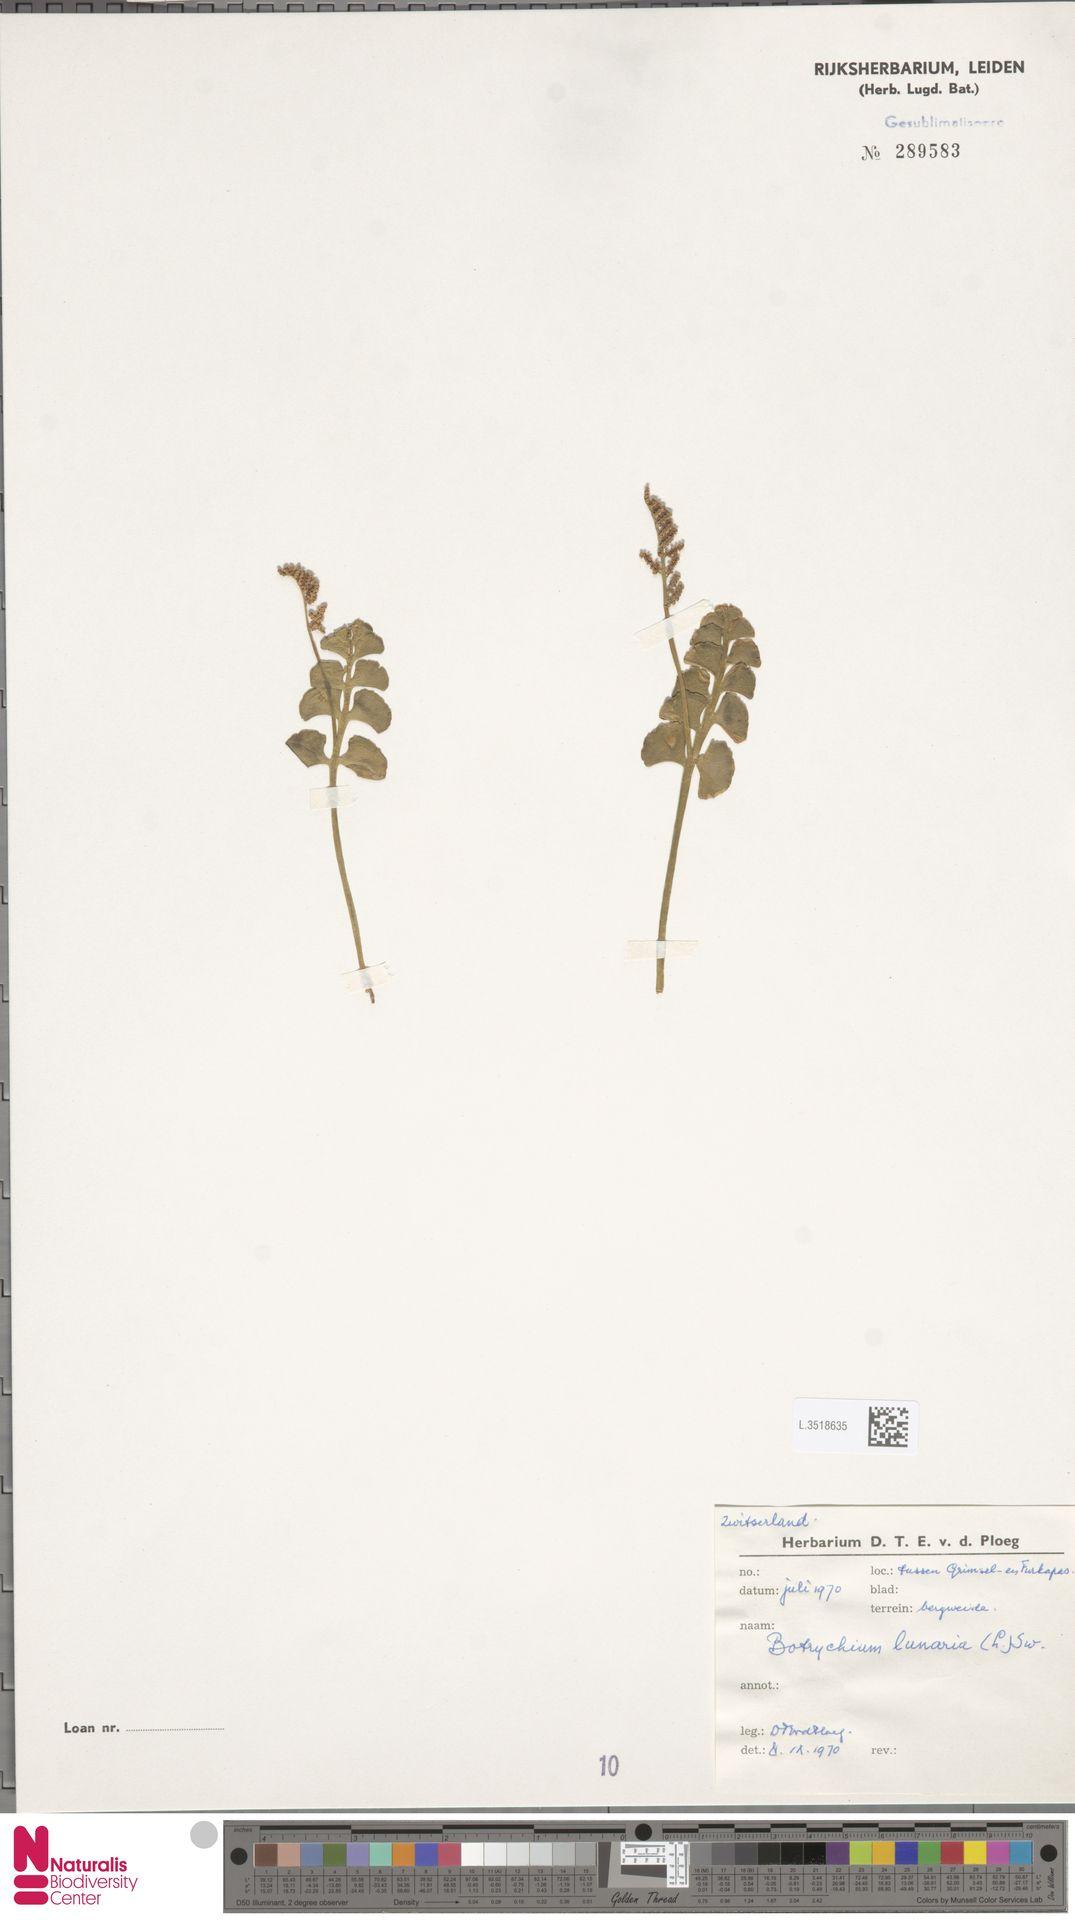 L.3518635   Botrychium lunaria (L.) Sw.